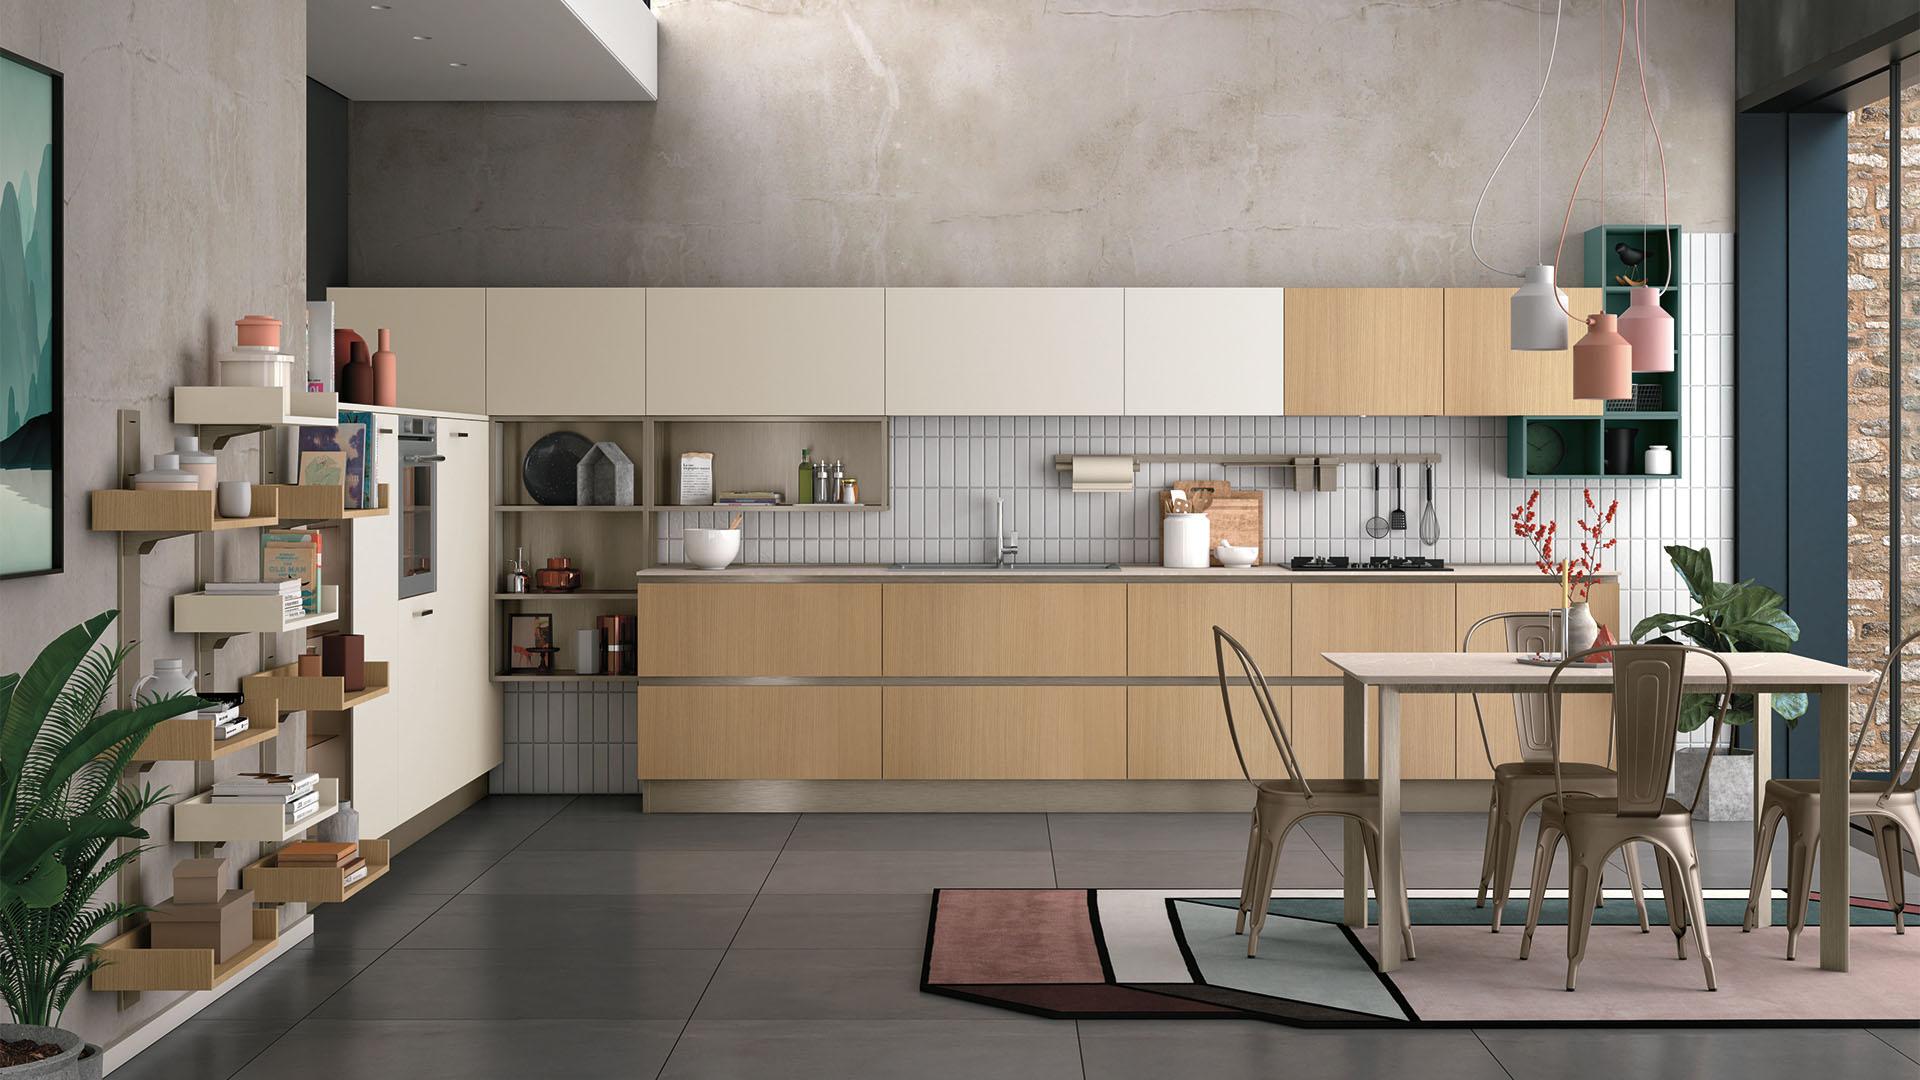 cucina-creo-tablet-a-nardò-e-lecce-29